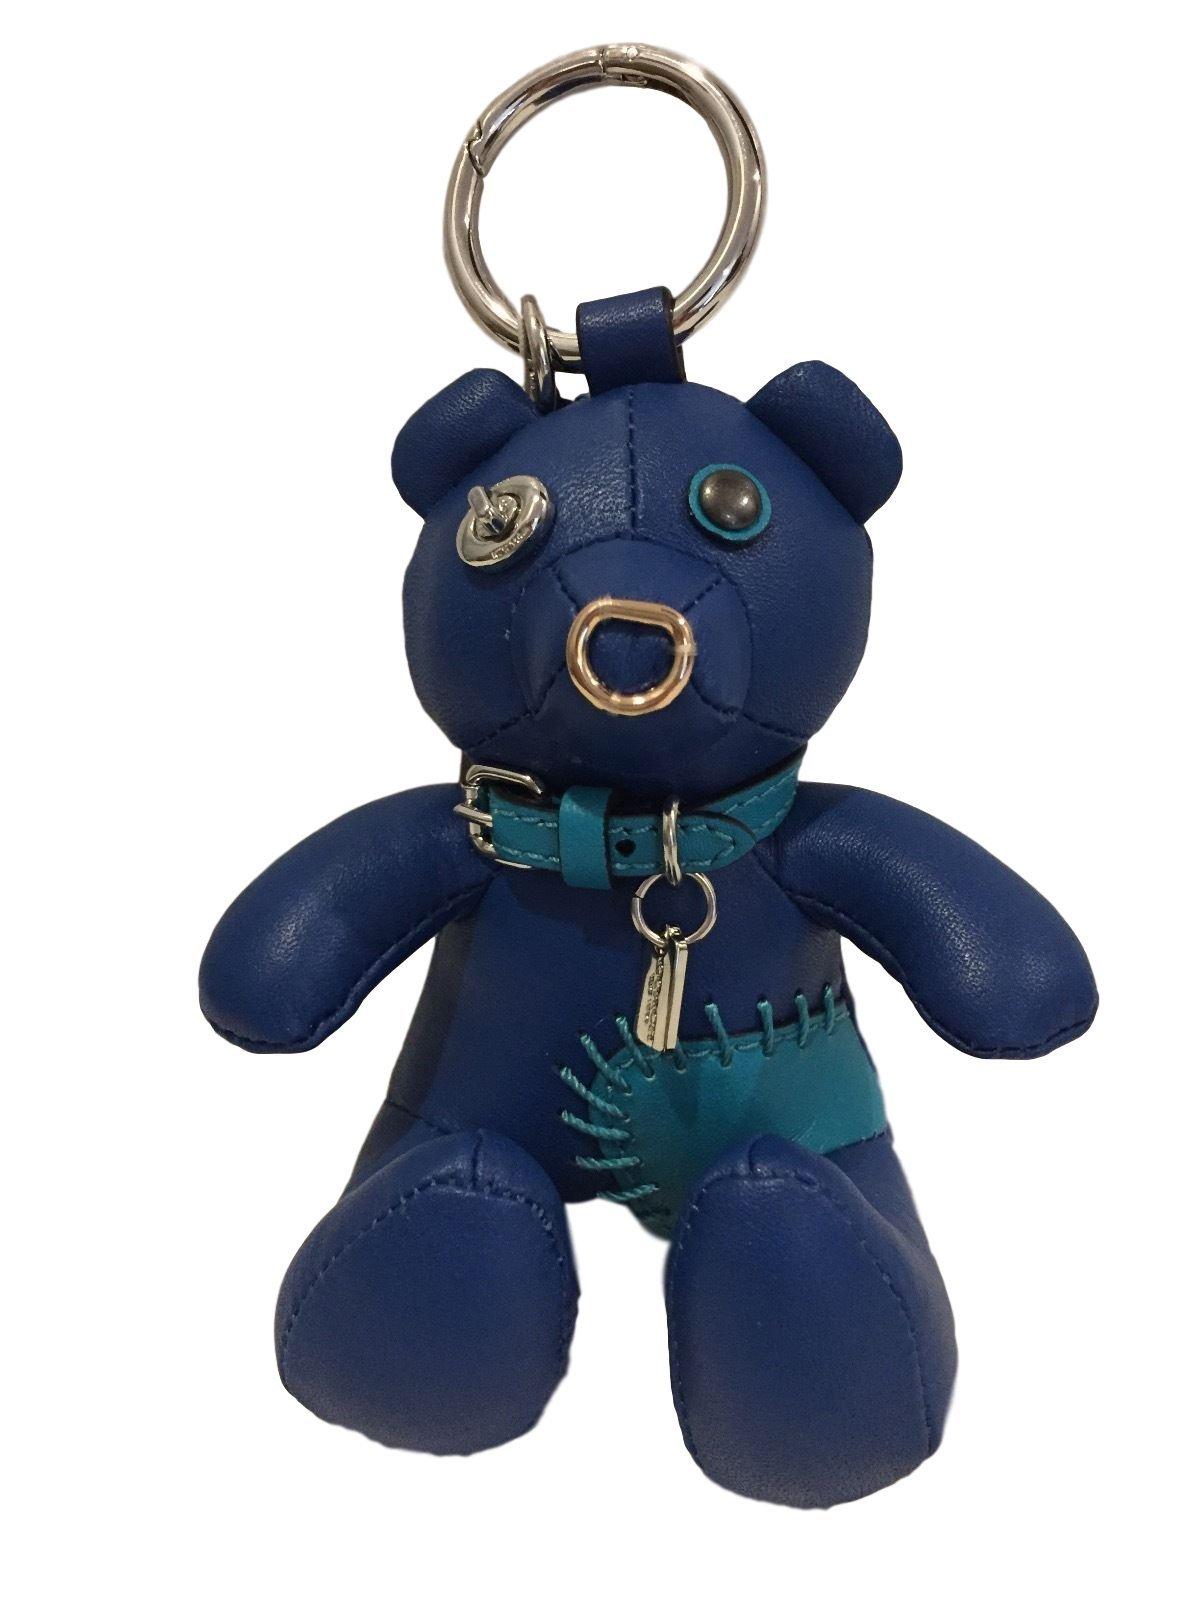 COACH Leather Limited Edition Holiday Bear Bag Charm ''ACE'' Blue Teddy 56743